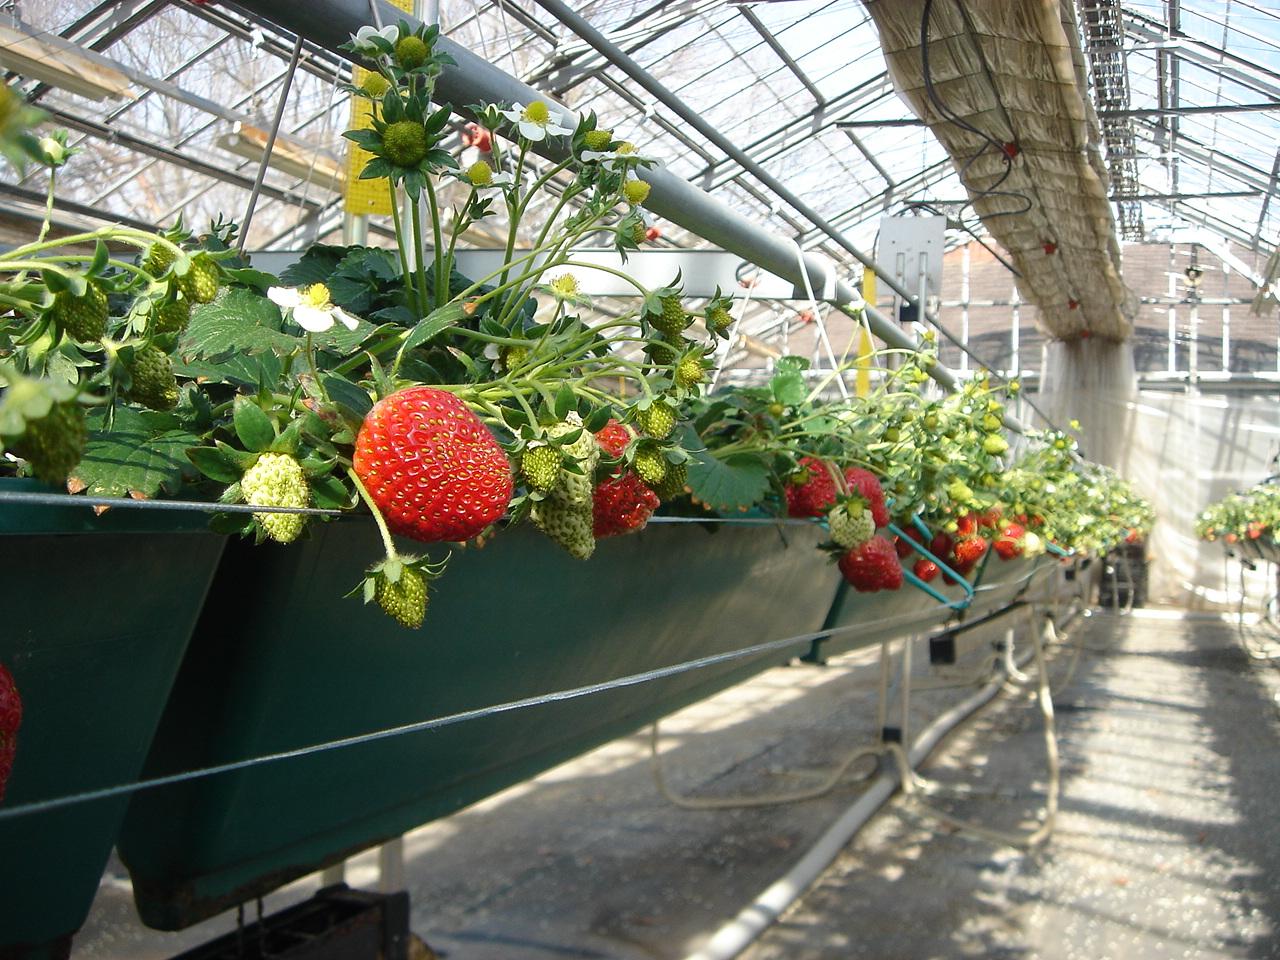 2月12日(日)にイチゴの収穫体験を開催します